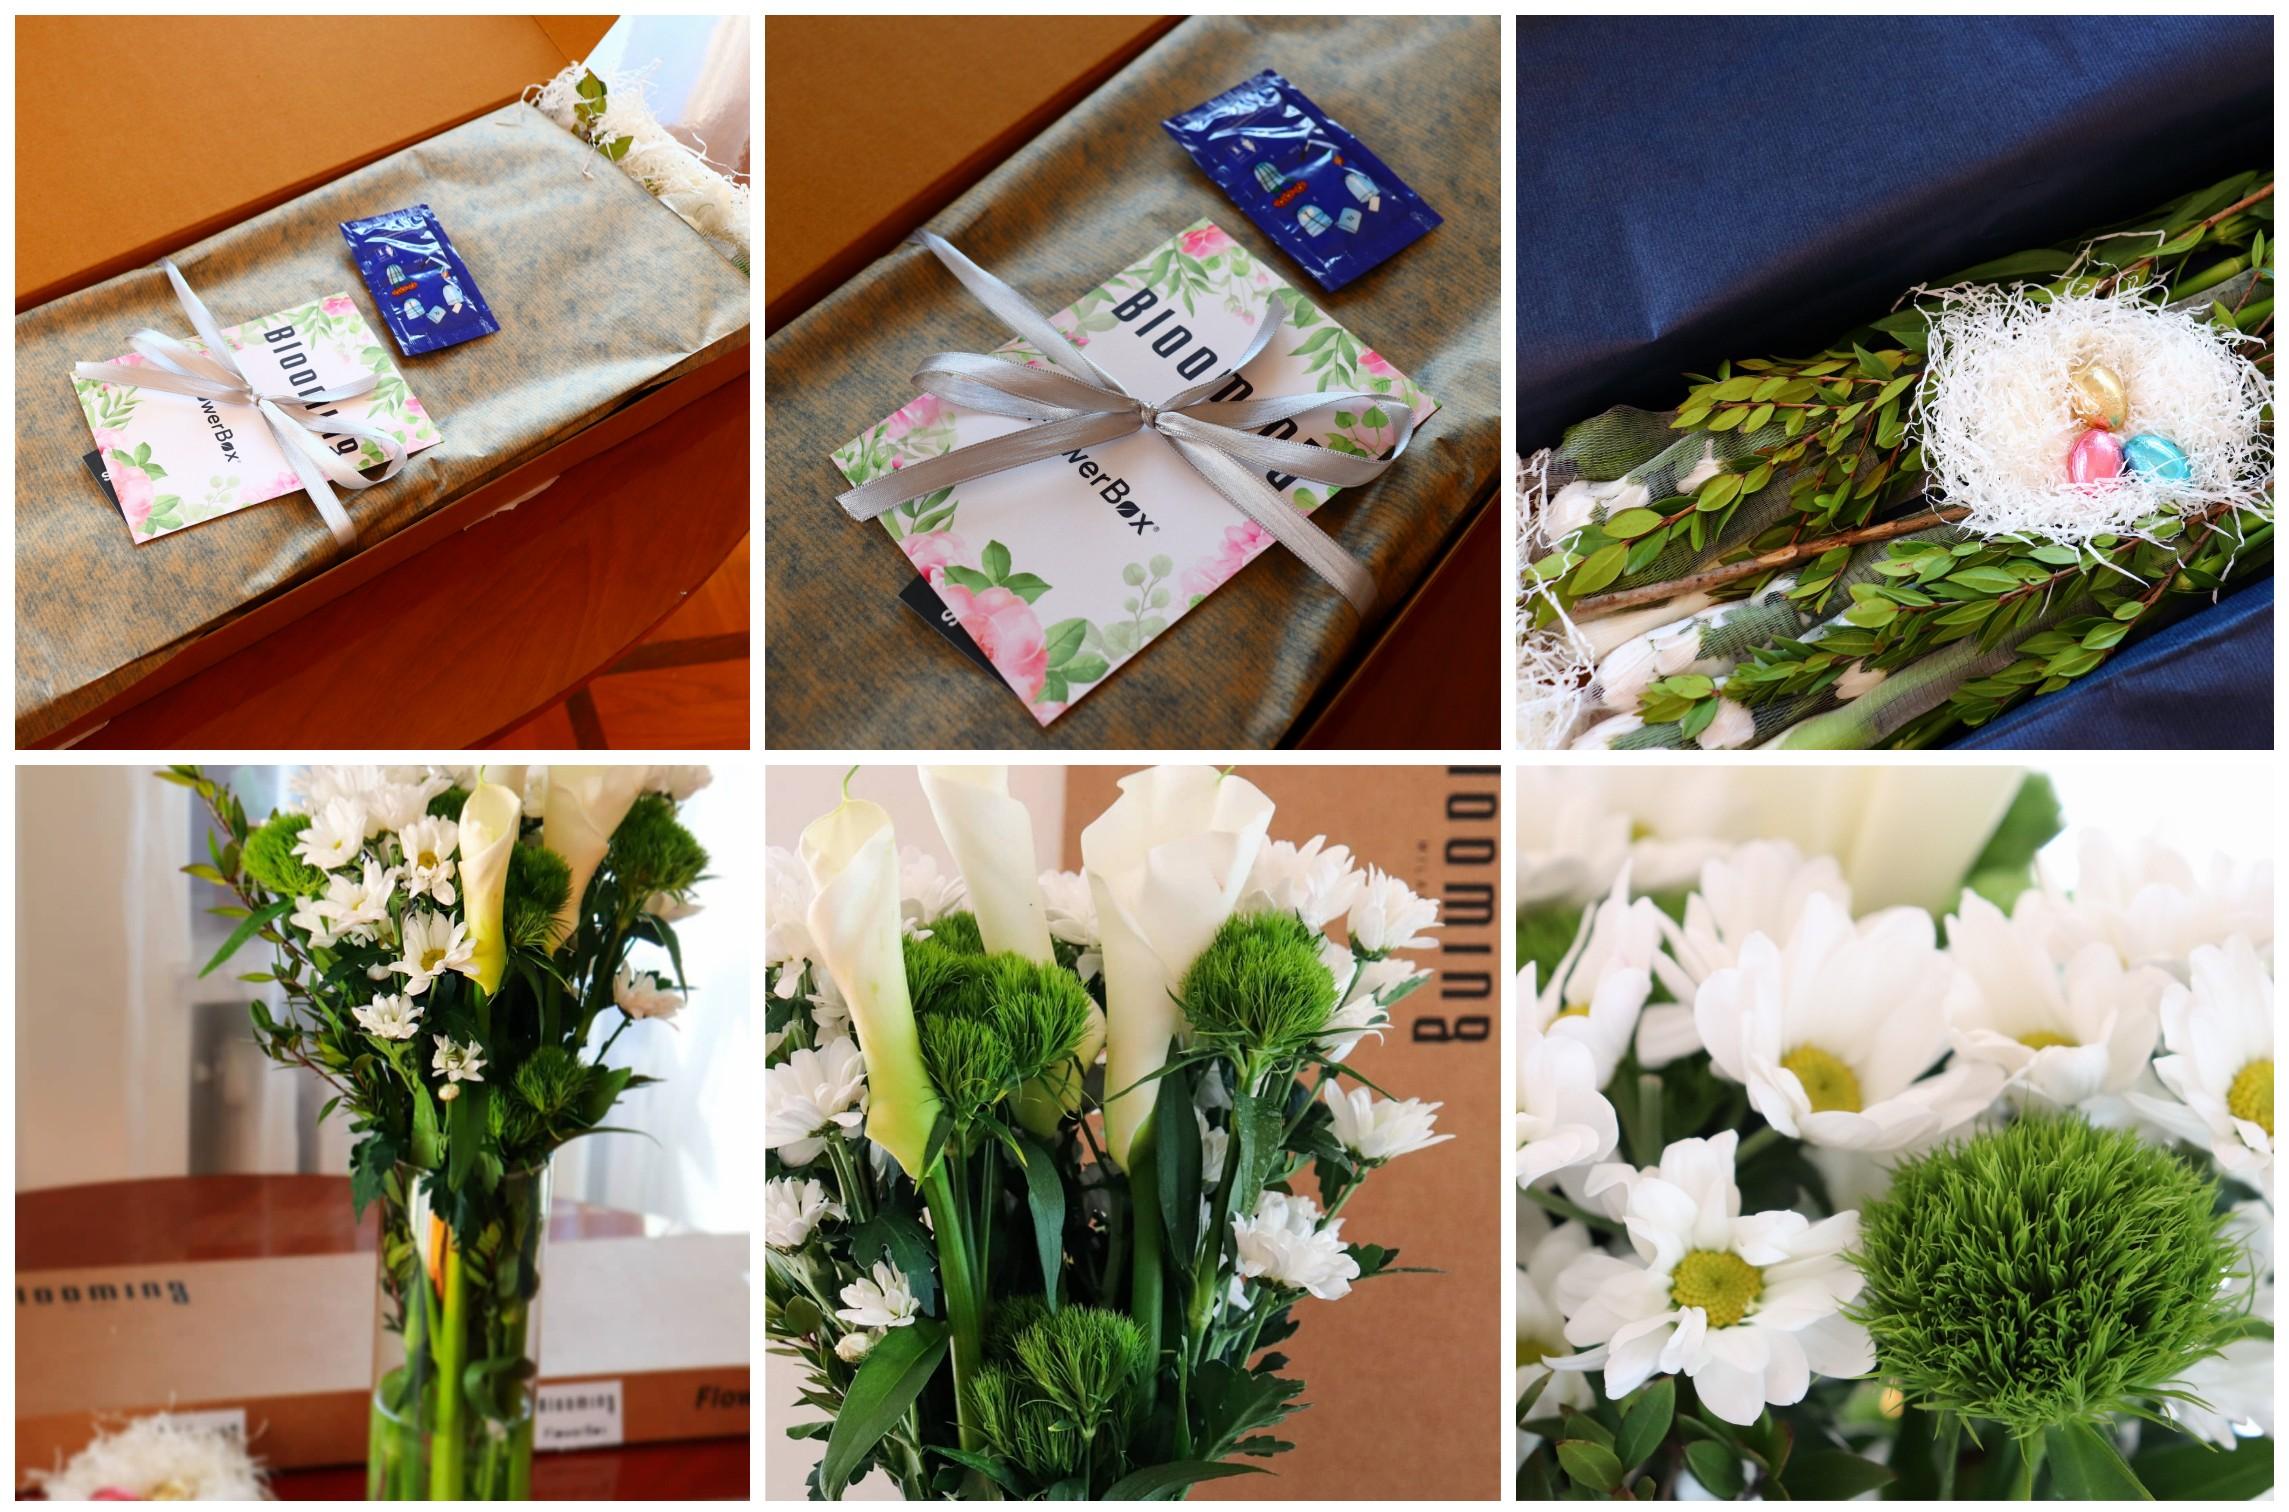 flowerbox pasquale ines